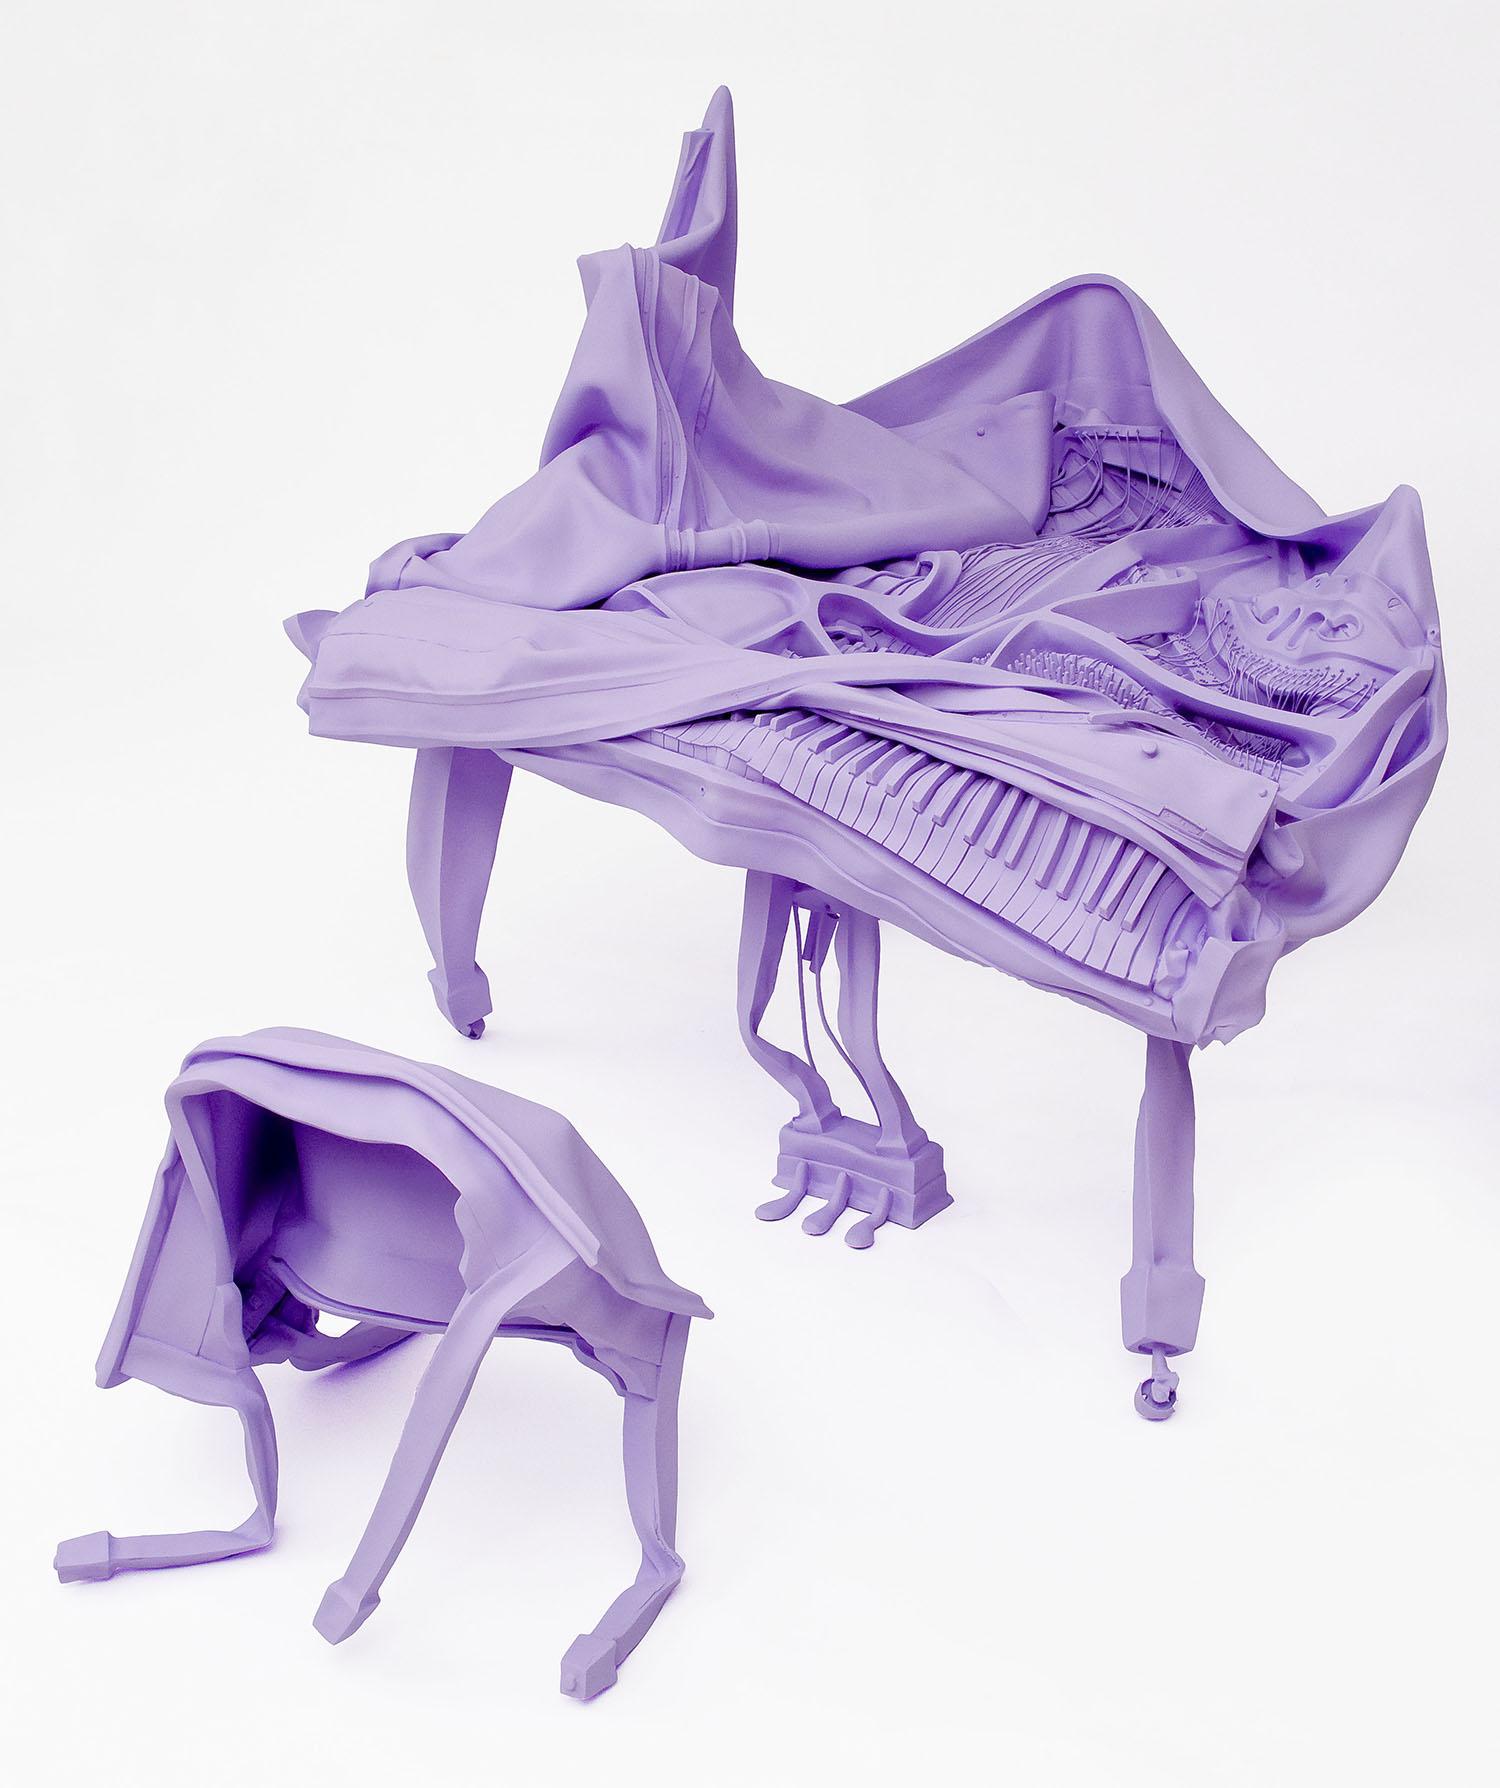 Urs_Fischer_Piano_DSC6312eh.jpg